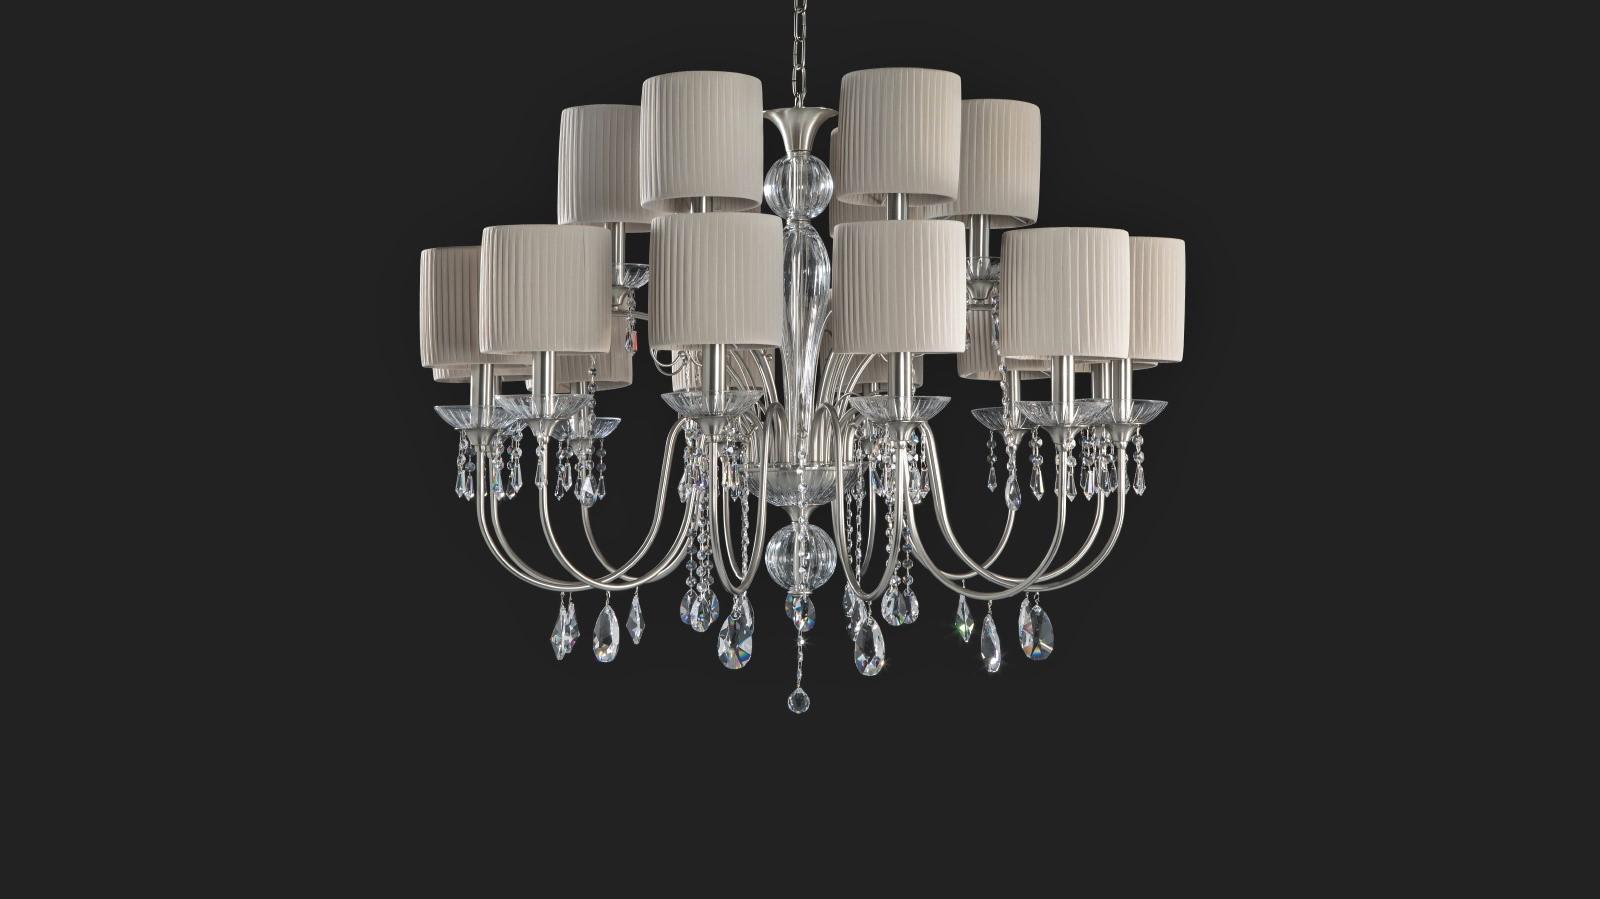 Lampadari Di Lusso Moderni.Lampadari Moderni E Classici